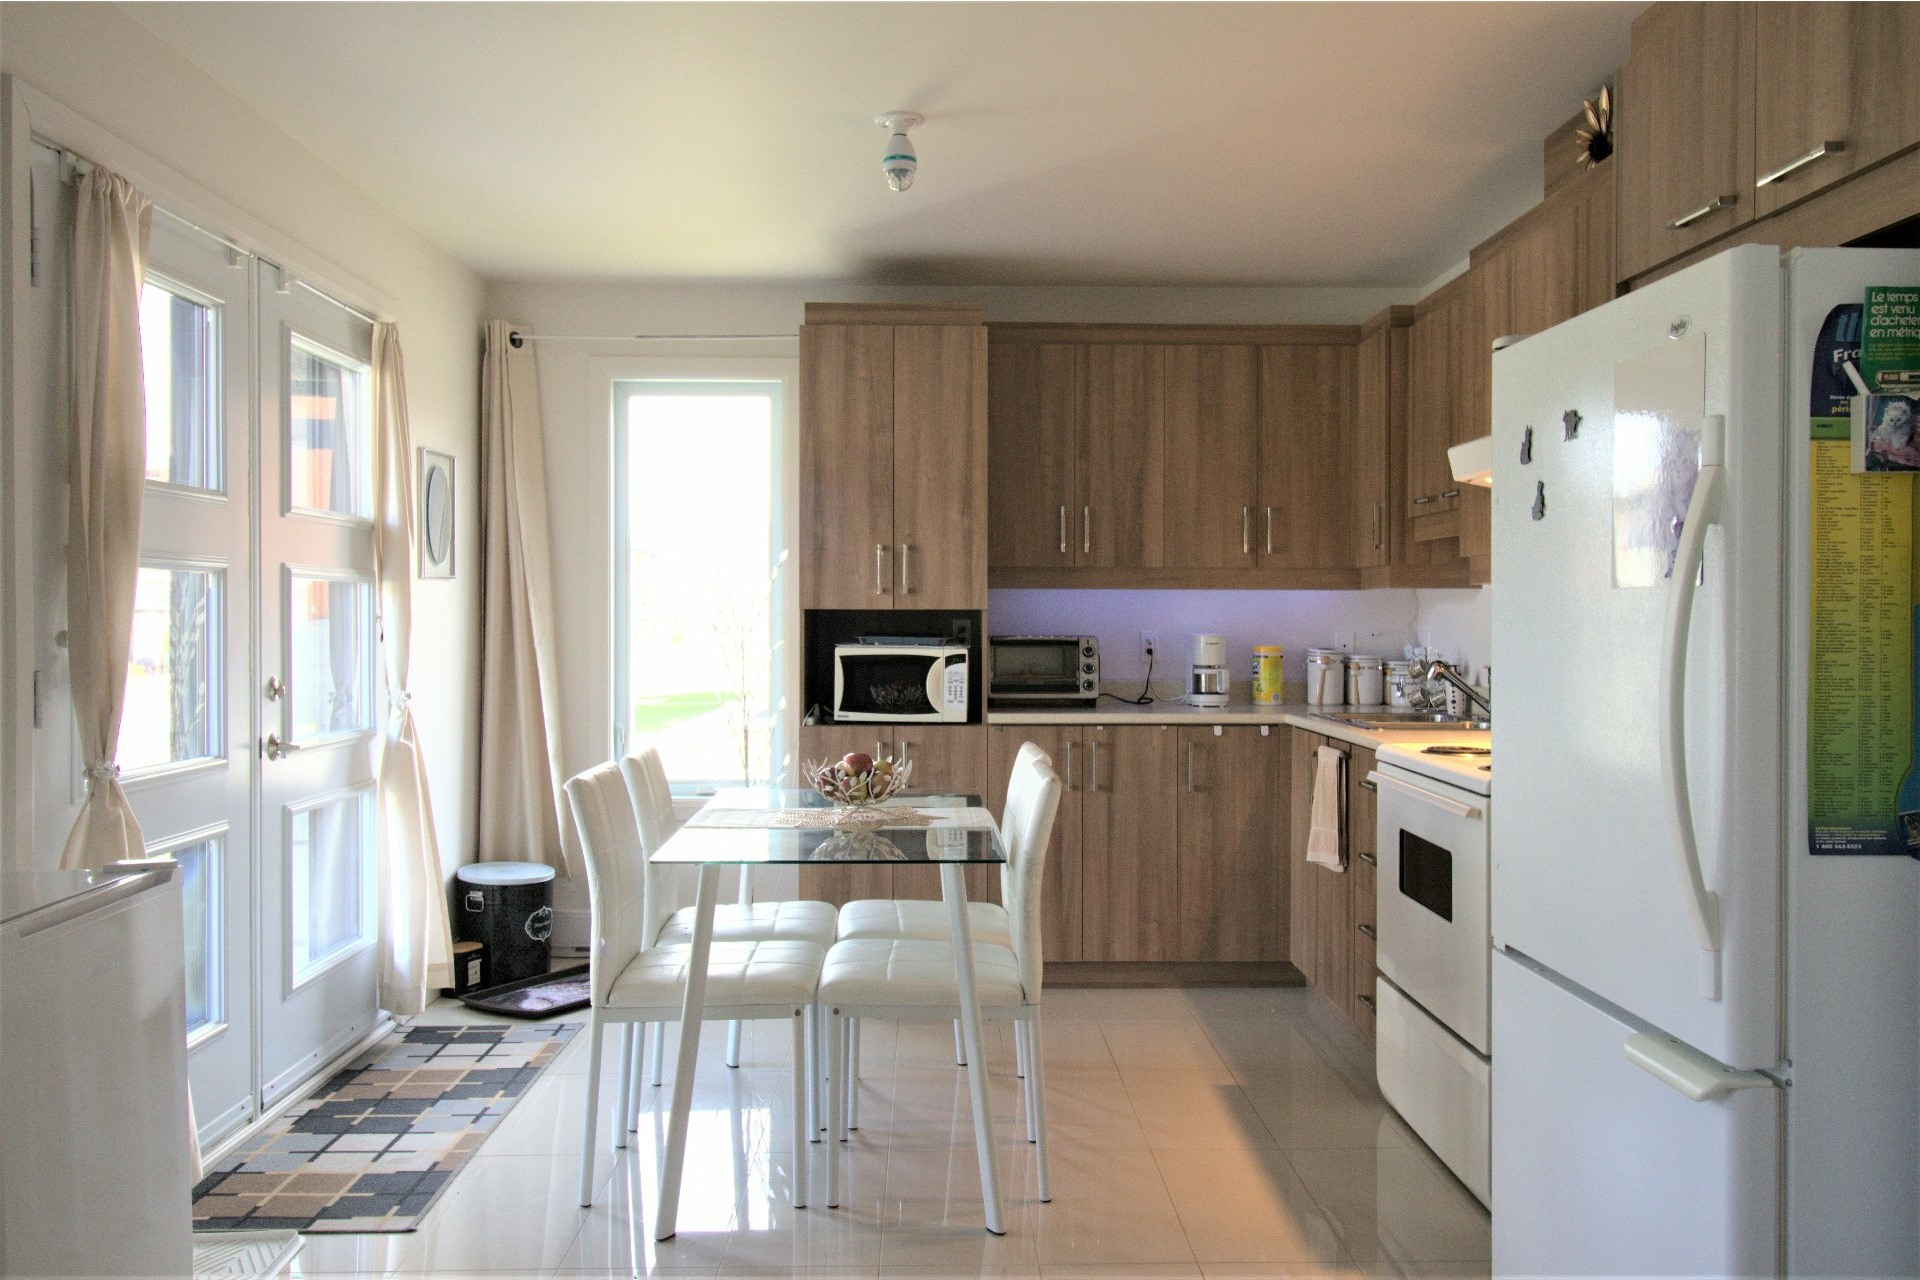 image 2 - Appartement À vendre Trois-Rivières - 5 pièces